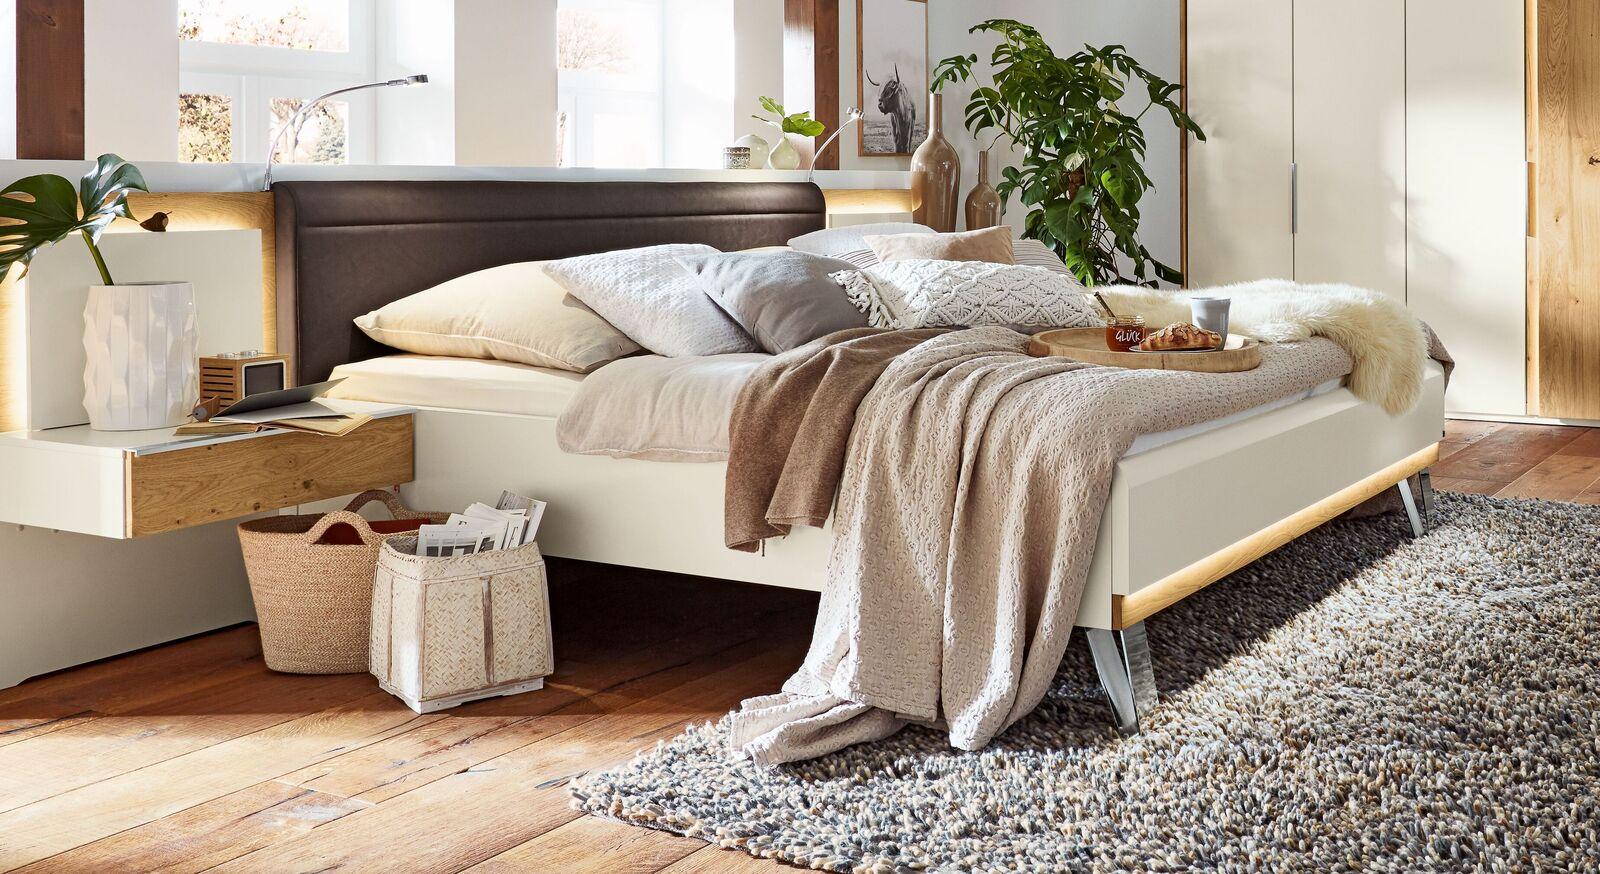 Full Size of Musterring Bett Saphira 200x200 Kleiderschrank Kommode Schlafzimmer Kieselgrau Schrank 4 Tlg In Wei Und Balkeneiche Esstisch Betten Wohnzimmer Musterring Saphira